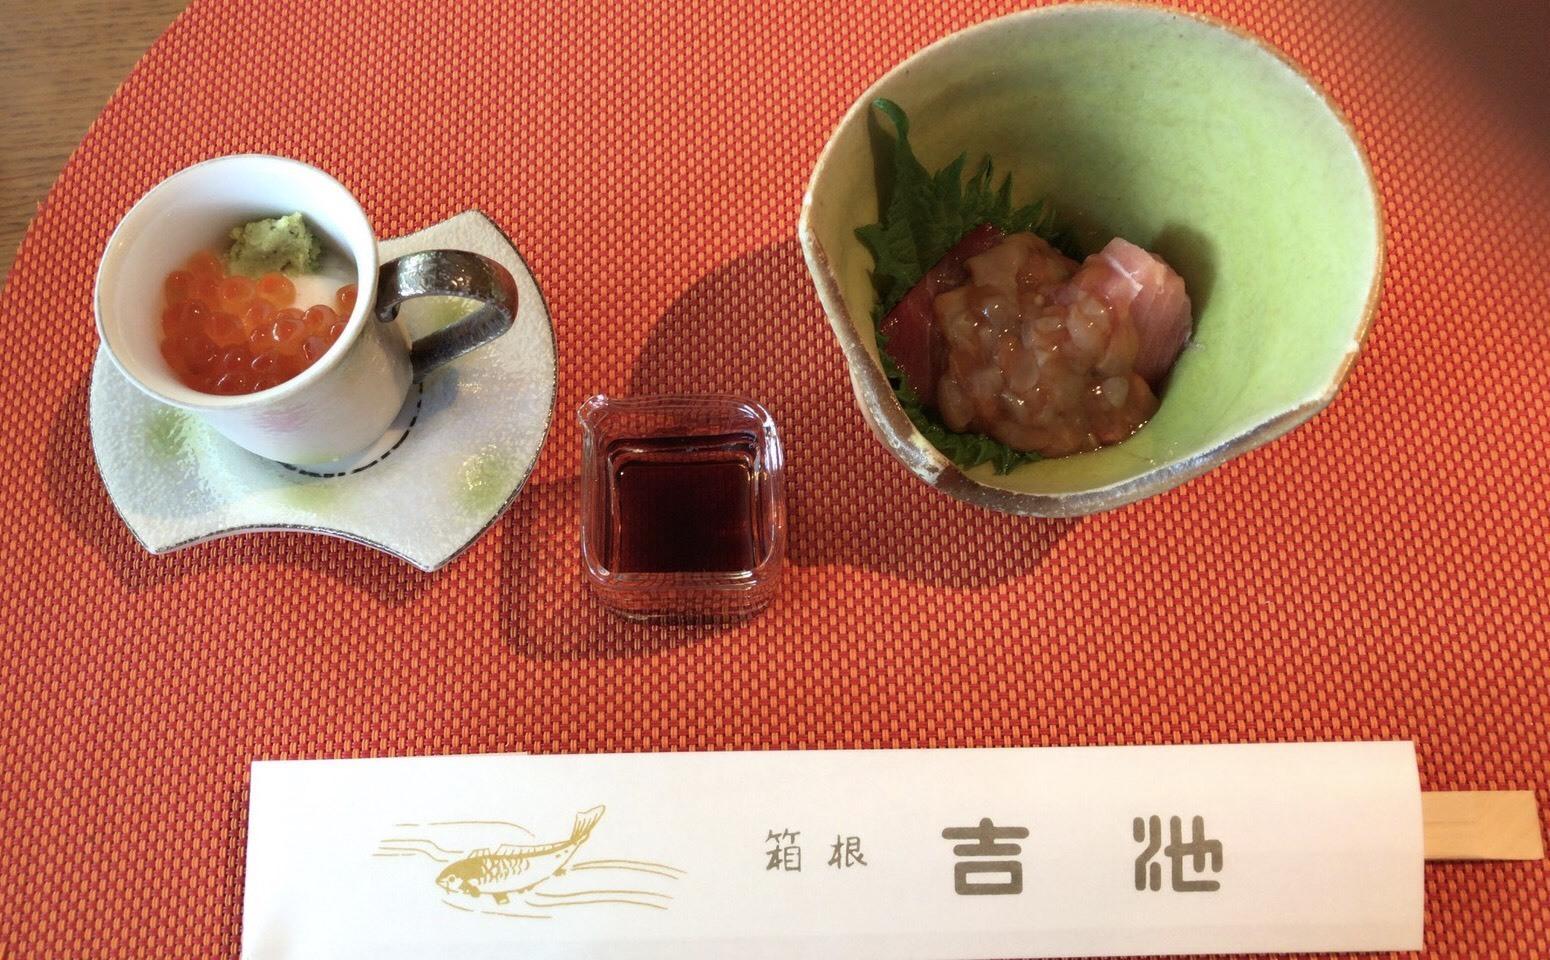 ひと足お先に夏休み 箱根日帰り温泉の旅を楽しんで来ました_1_1-1